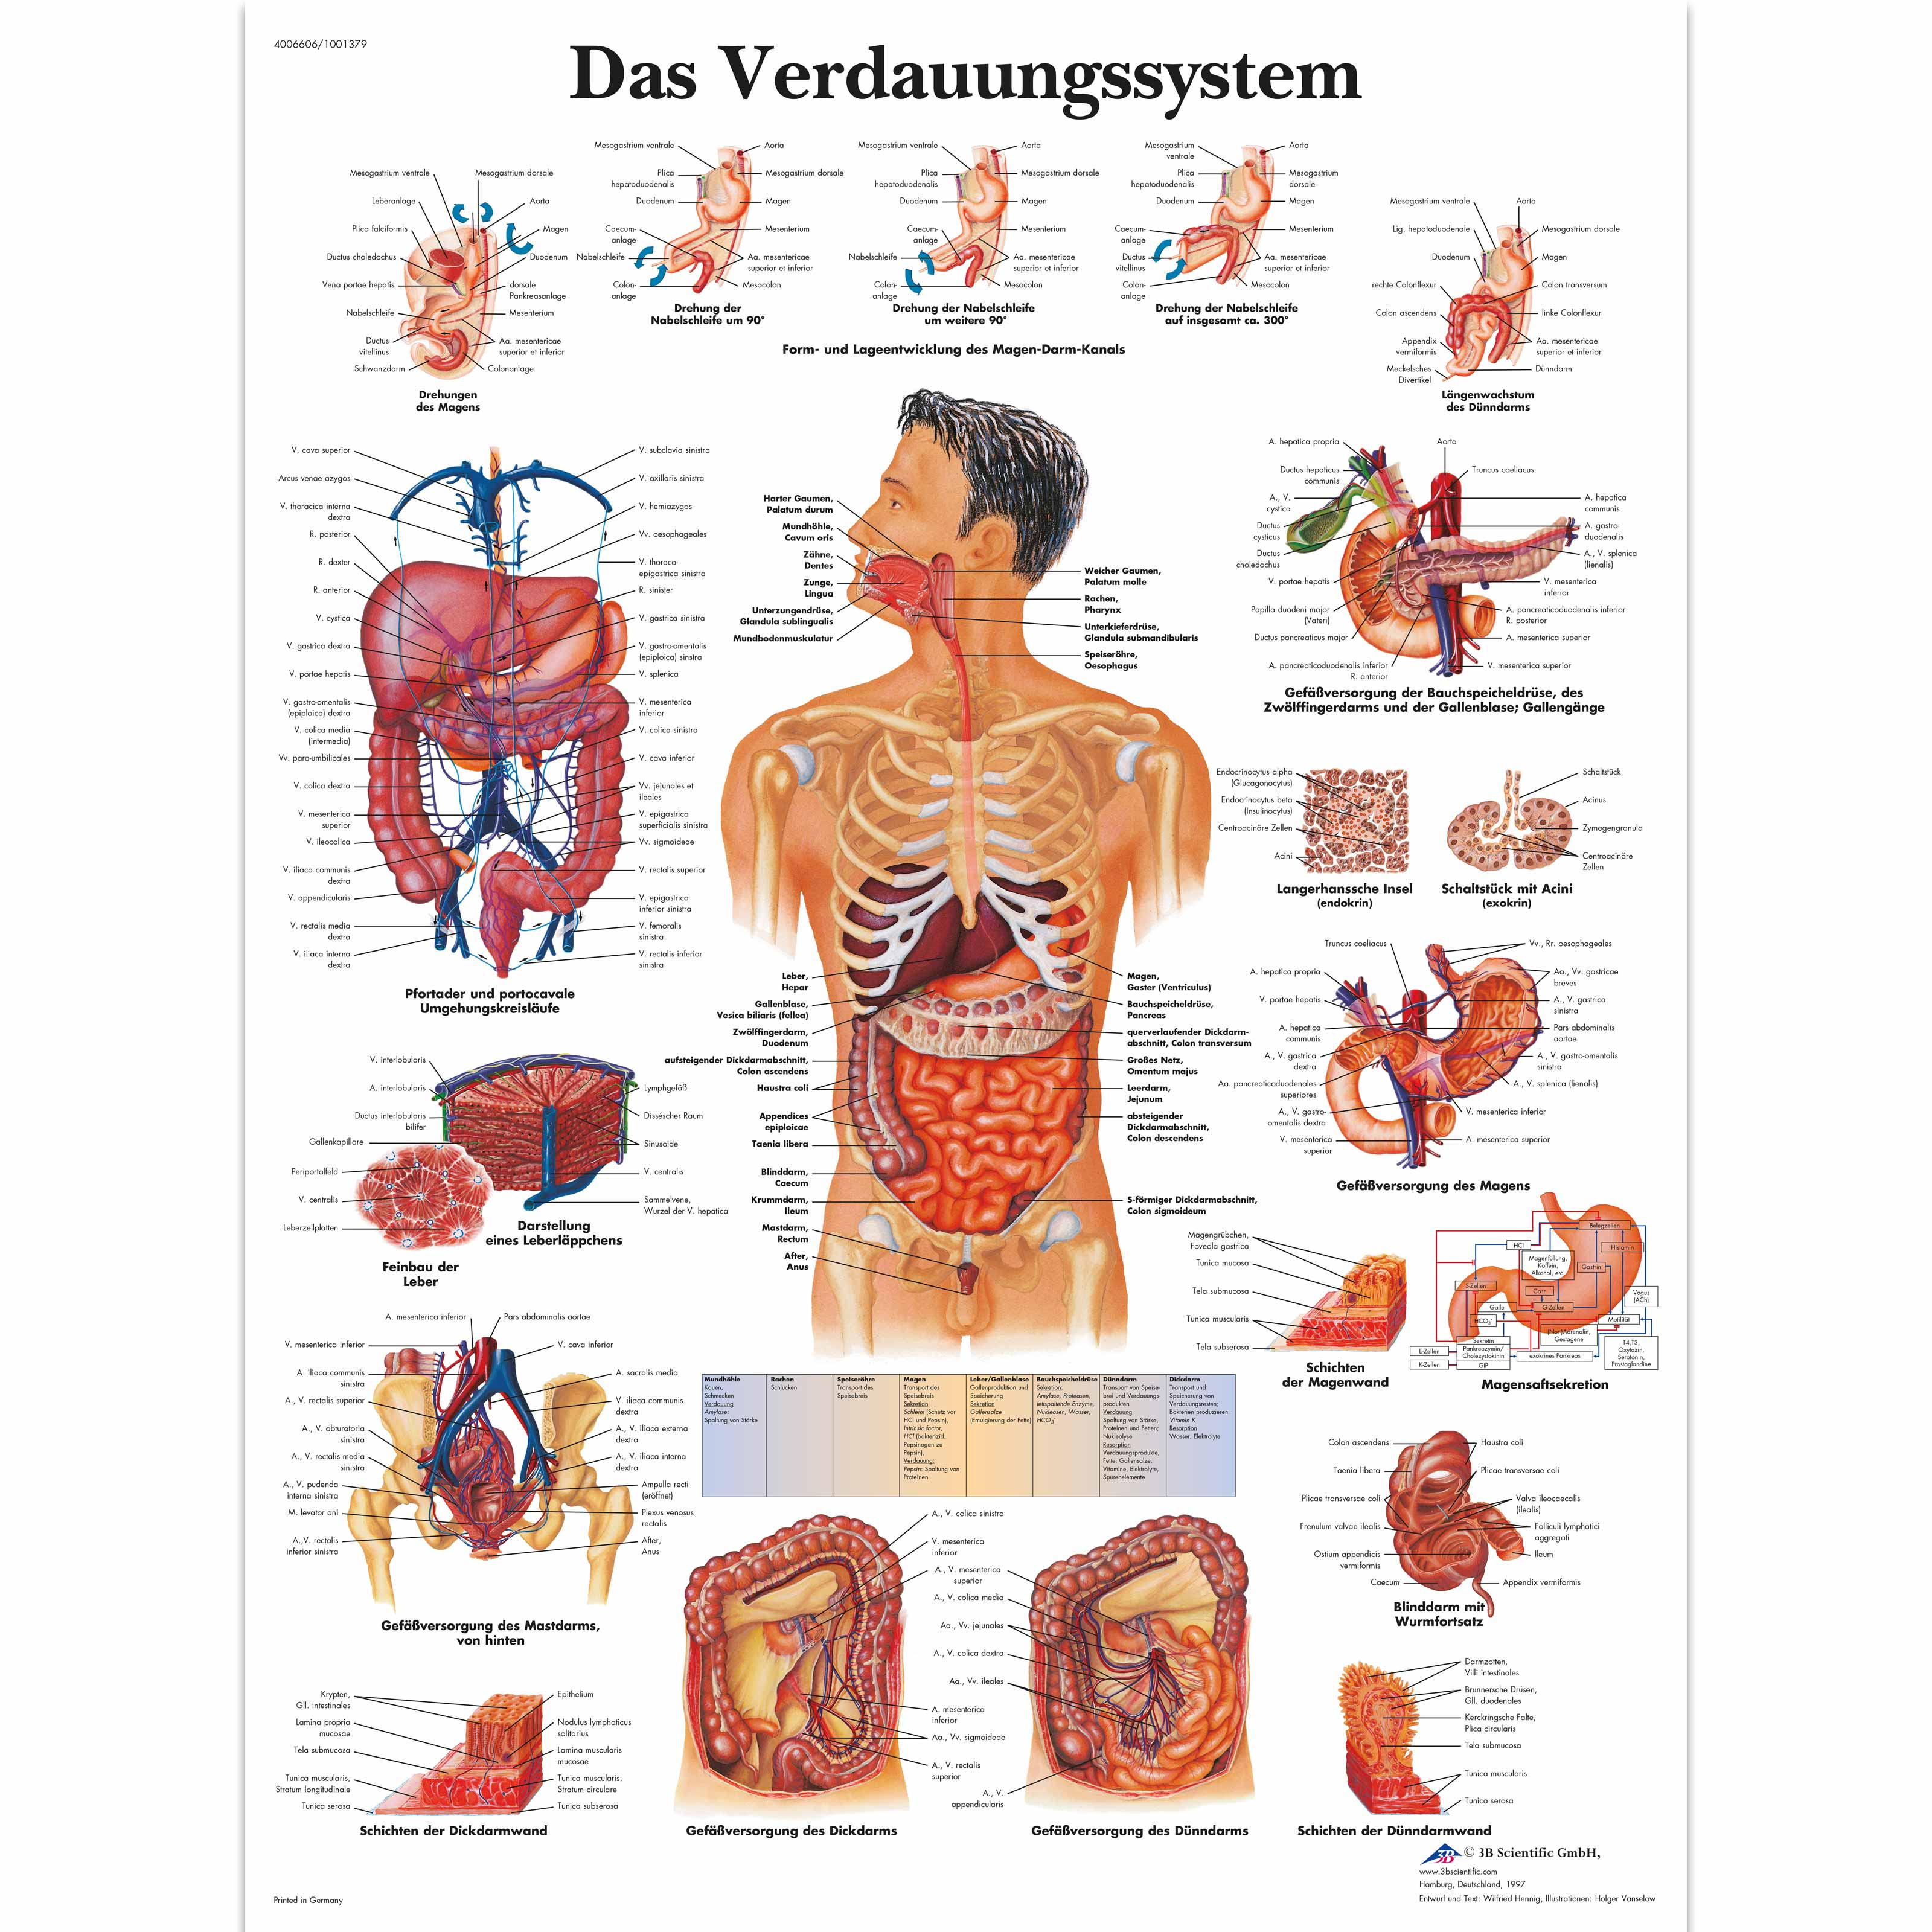 Das Verdauungssystem - 4006606 - VR0422UU - Digestive System - 3B ...